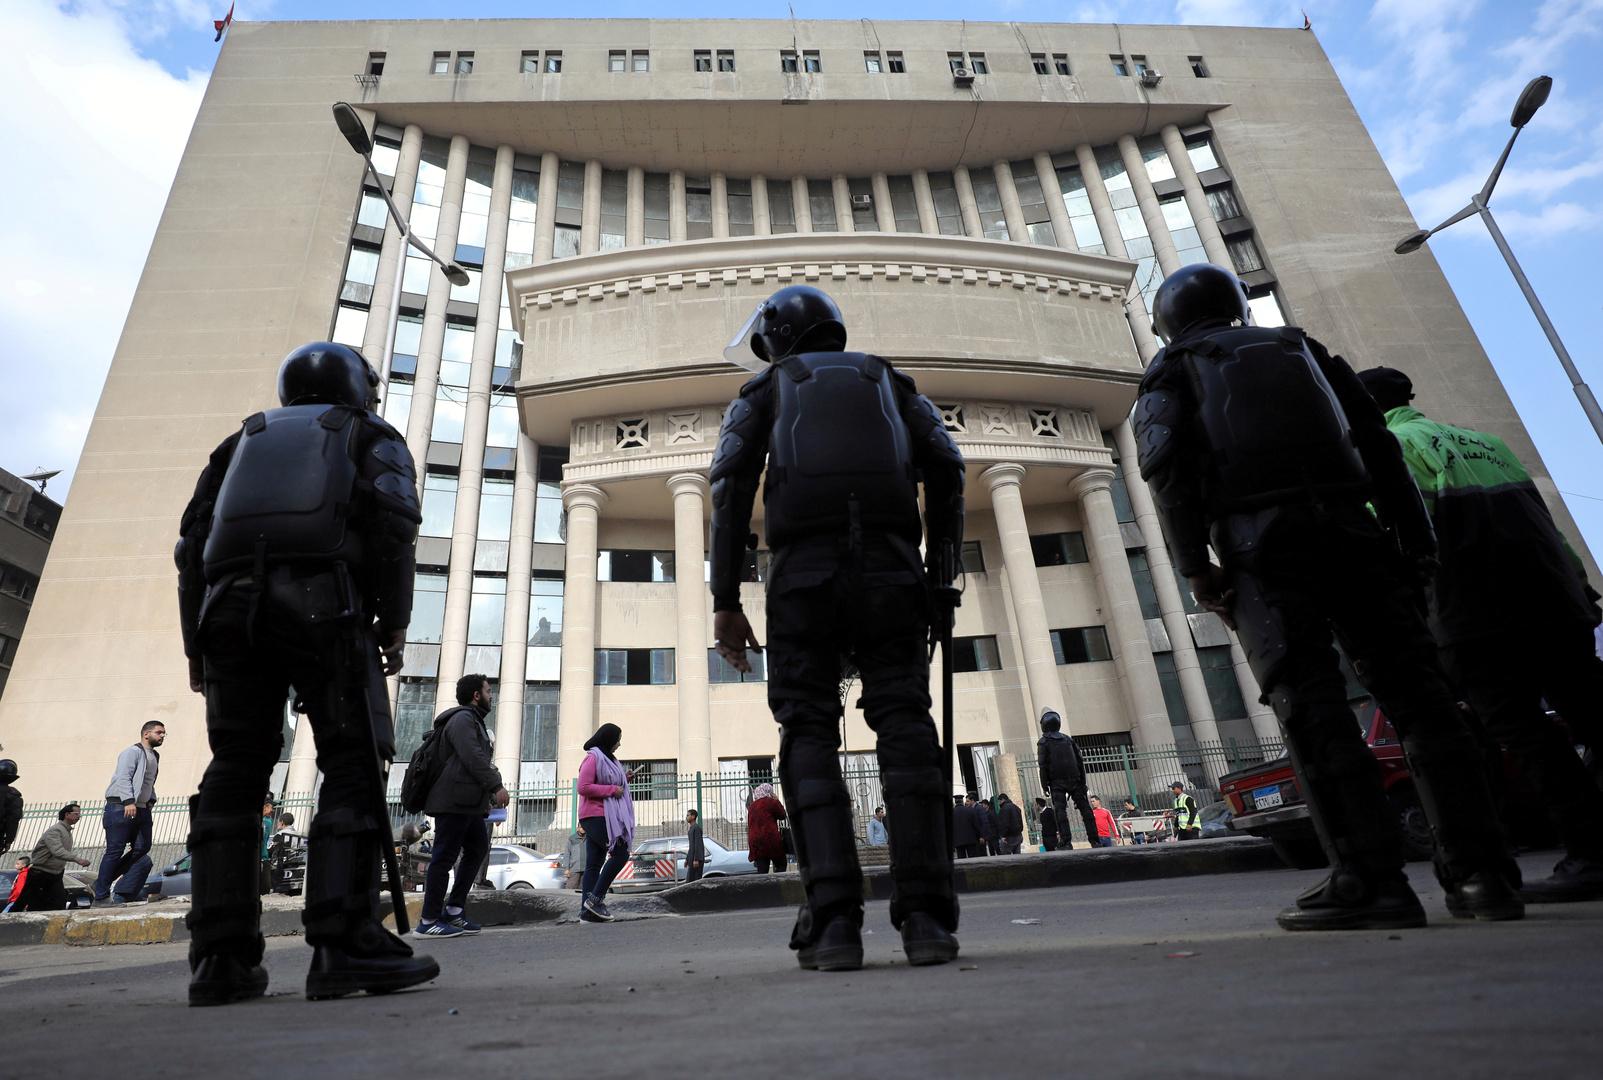 تغريم مطرب مصري بـ343 ألف جنيه بتهمة التهرب الضريبي